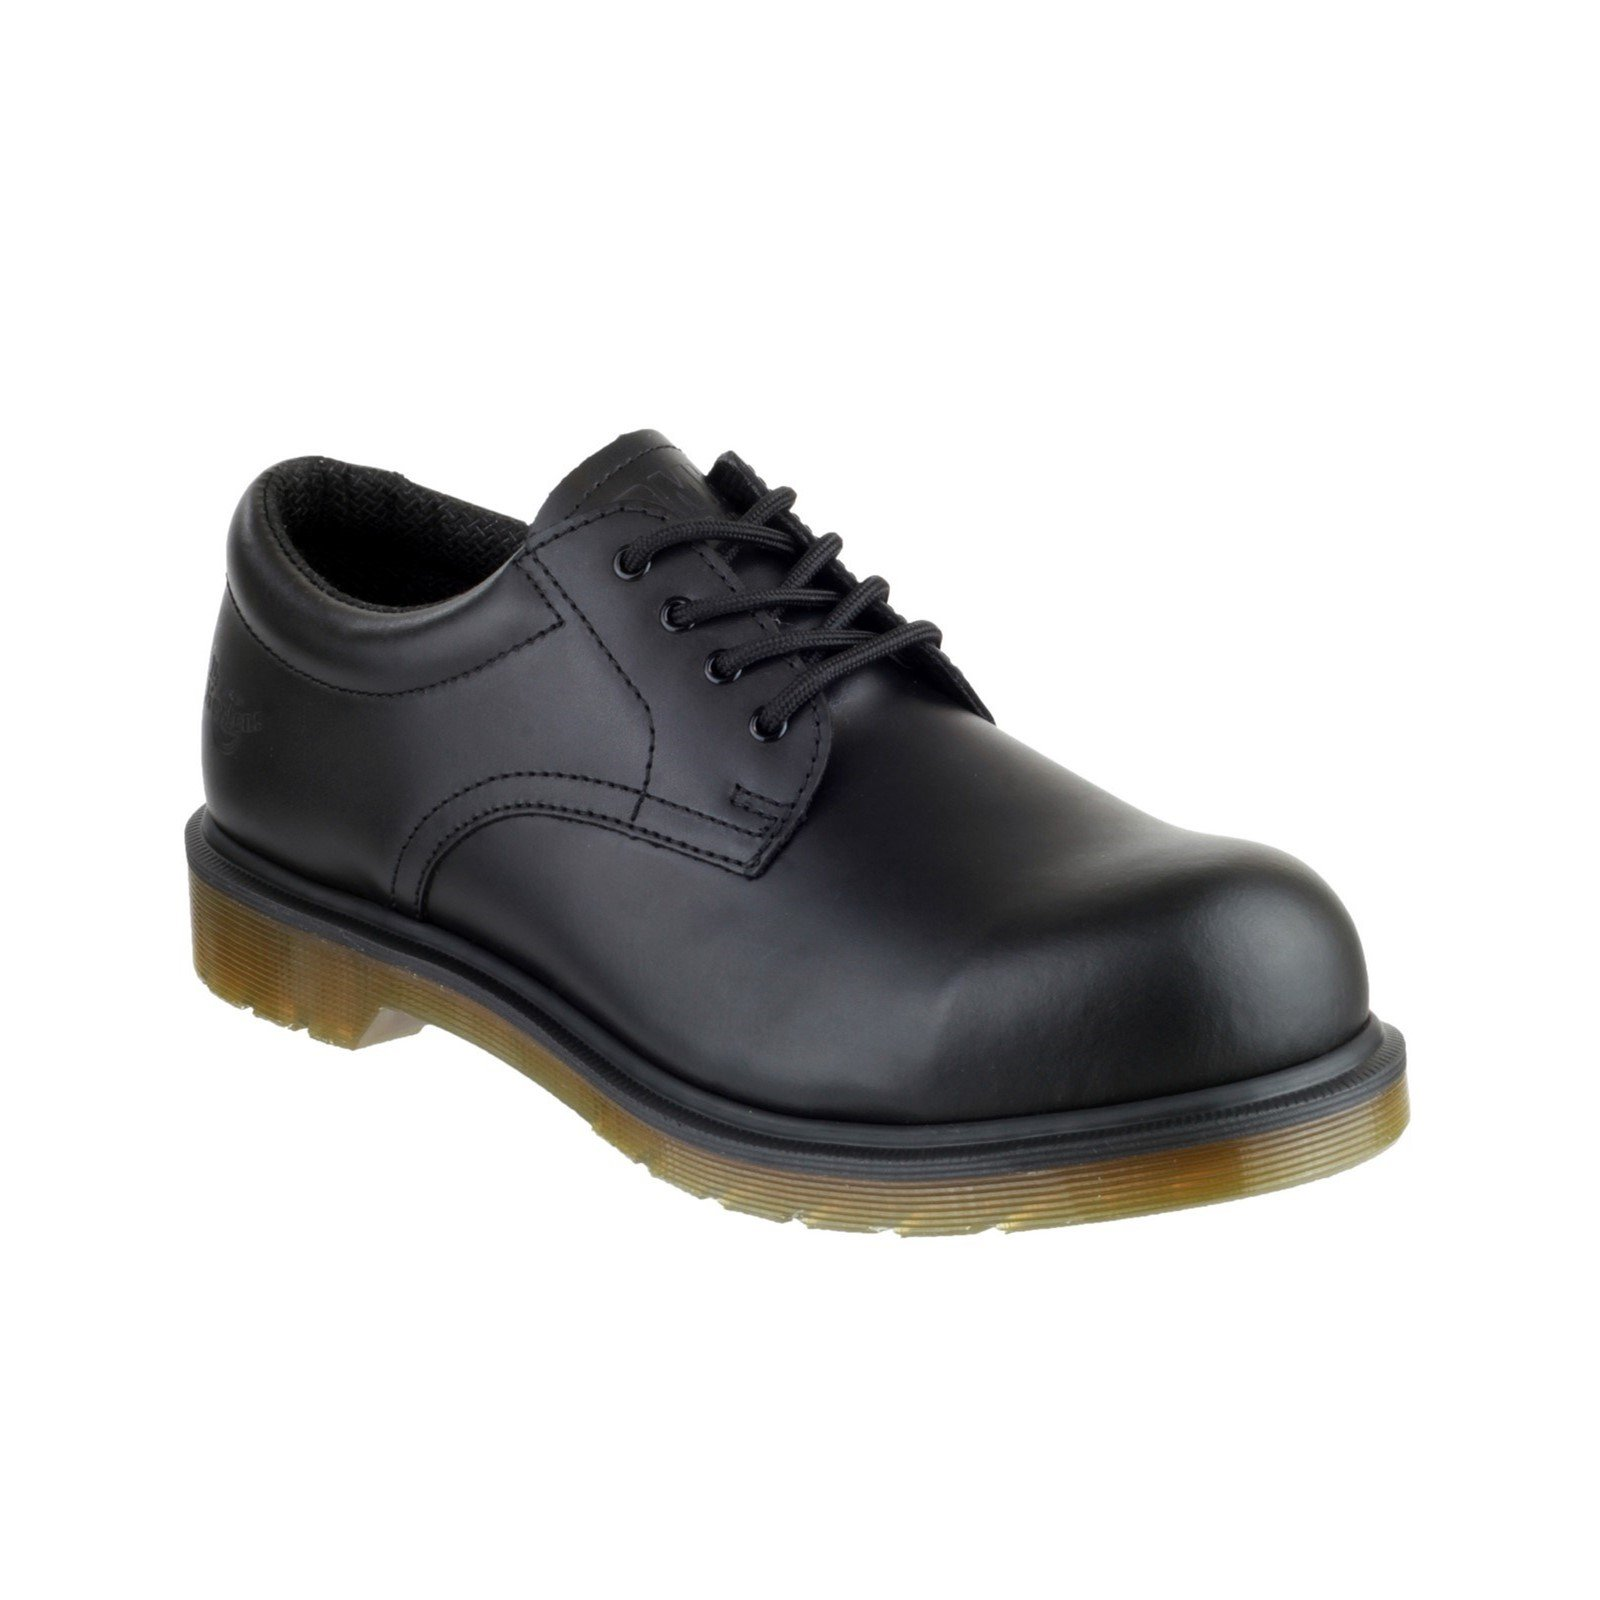 Dr Martens Unisex Icon Lace up Derby Shoe Black 00588 - Black 10